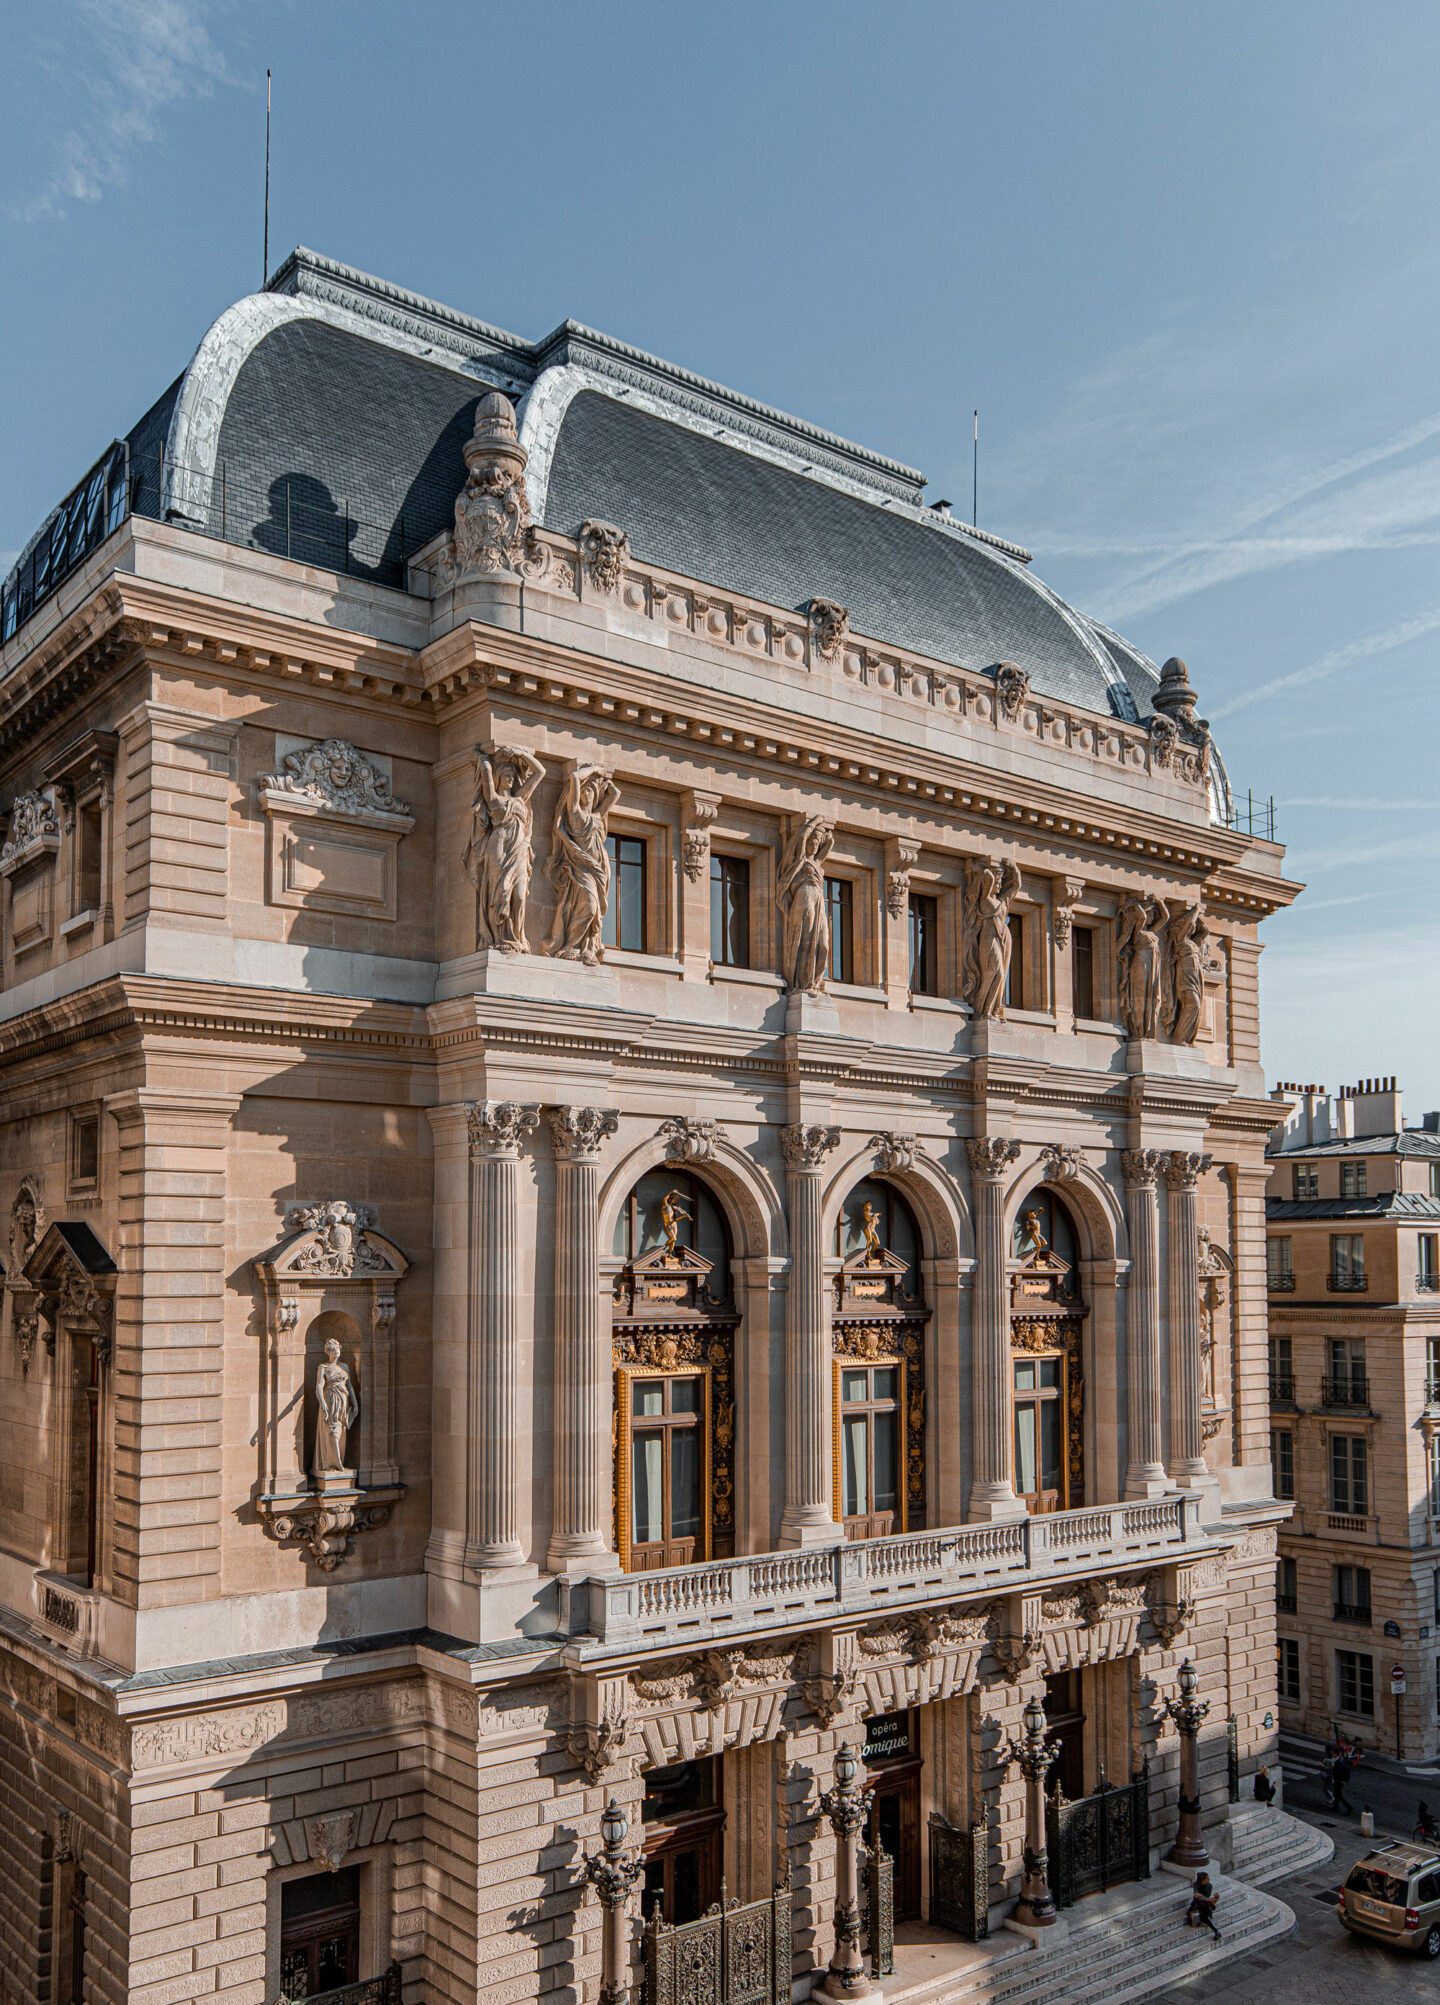 5-best-hotels-in-paris-where-to-stay-in-paris-paris-boutique-hotel-la-maison-favart-kelsey-heinrichs-kelseyinlondon